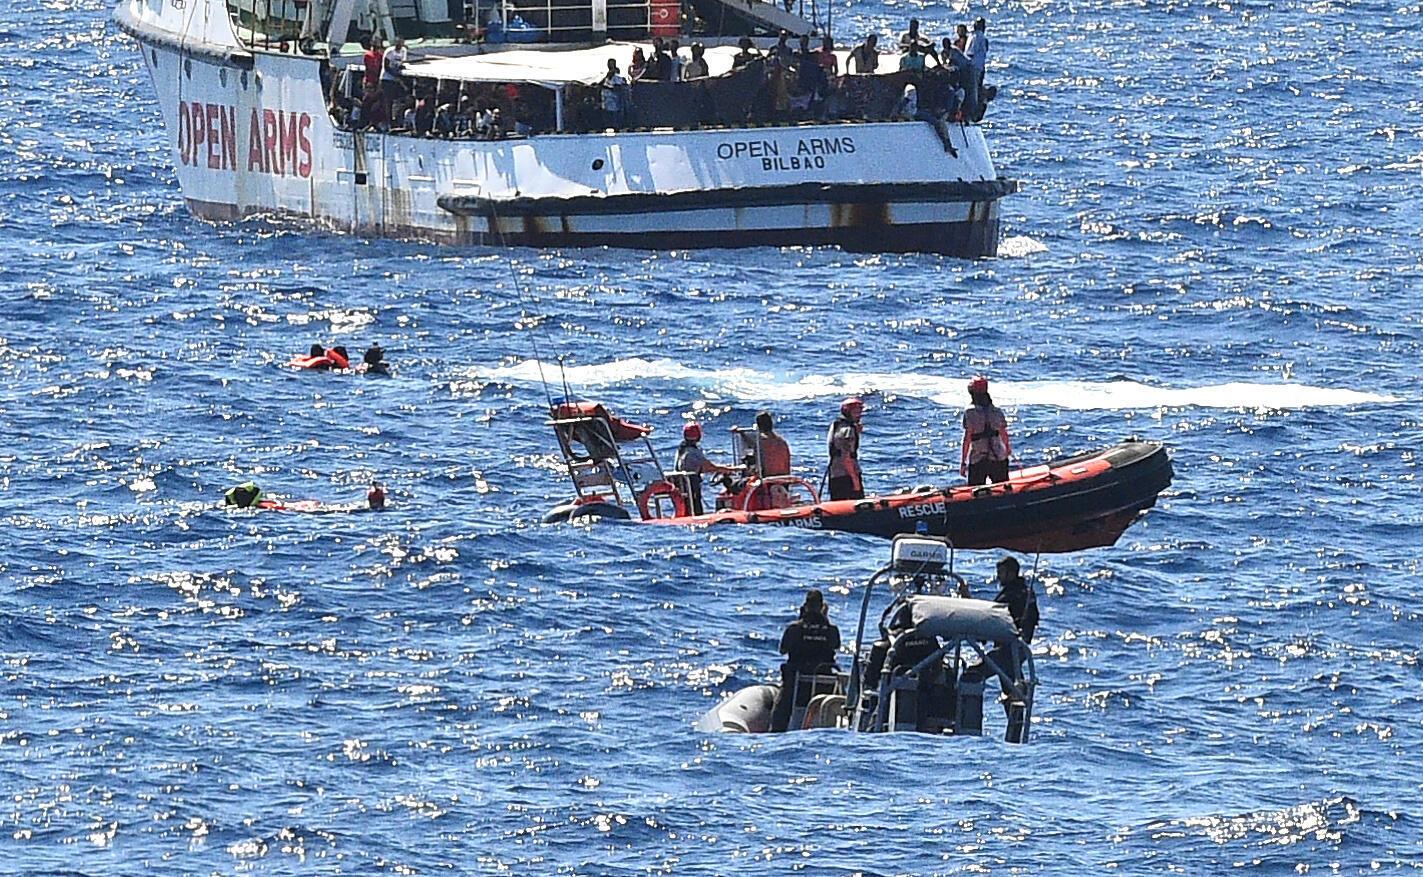 Dans un geste de désespoir face à la côte à portée de main, des migrants transportés par l'«Open Arms» ont sauté à l'eau, avant d'être secourus par les garde-côtes italiens.